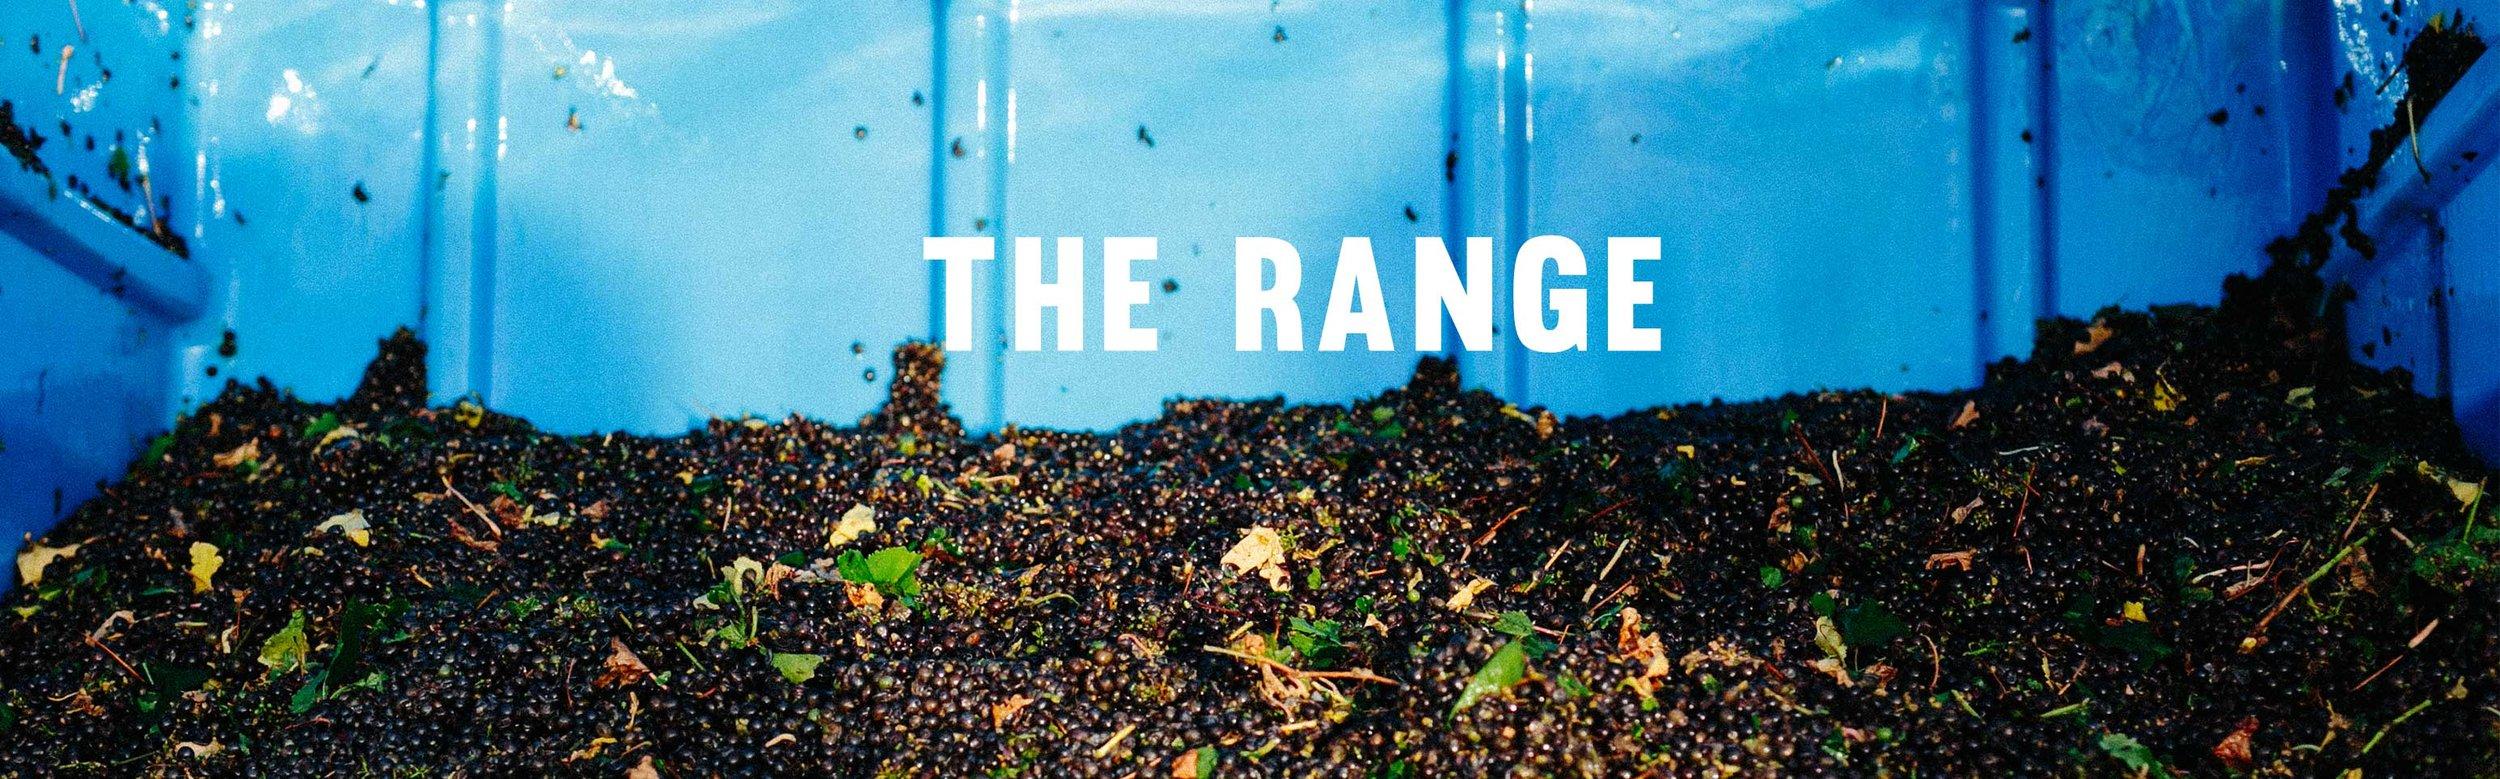 SH_Range.jpg